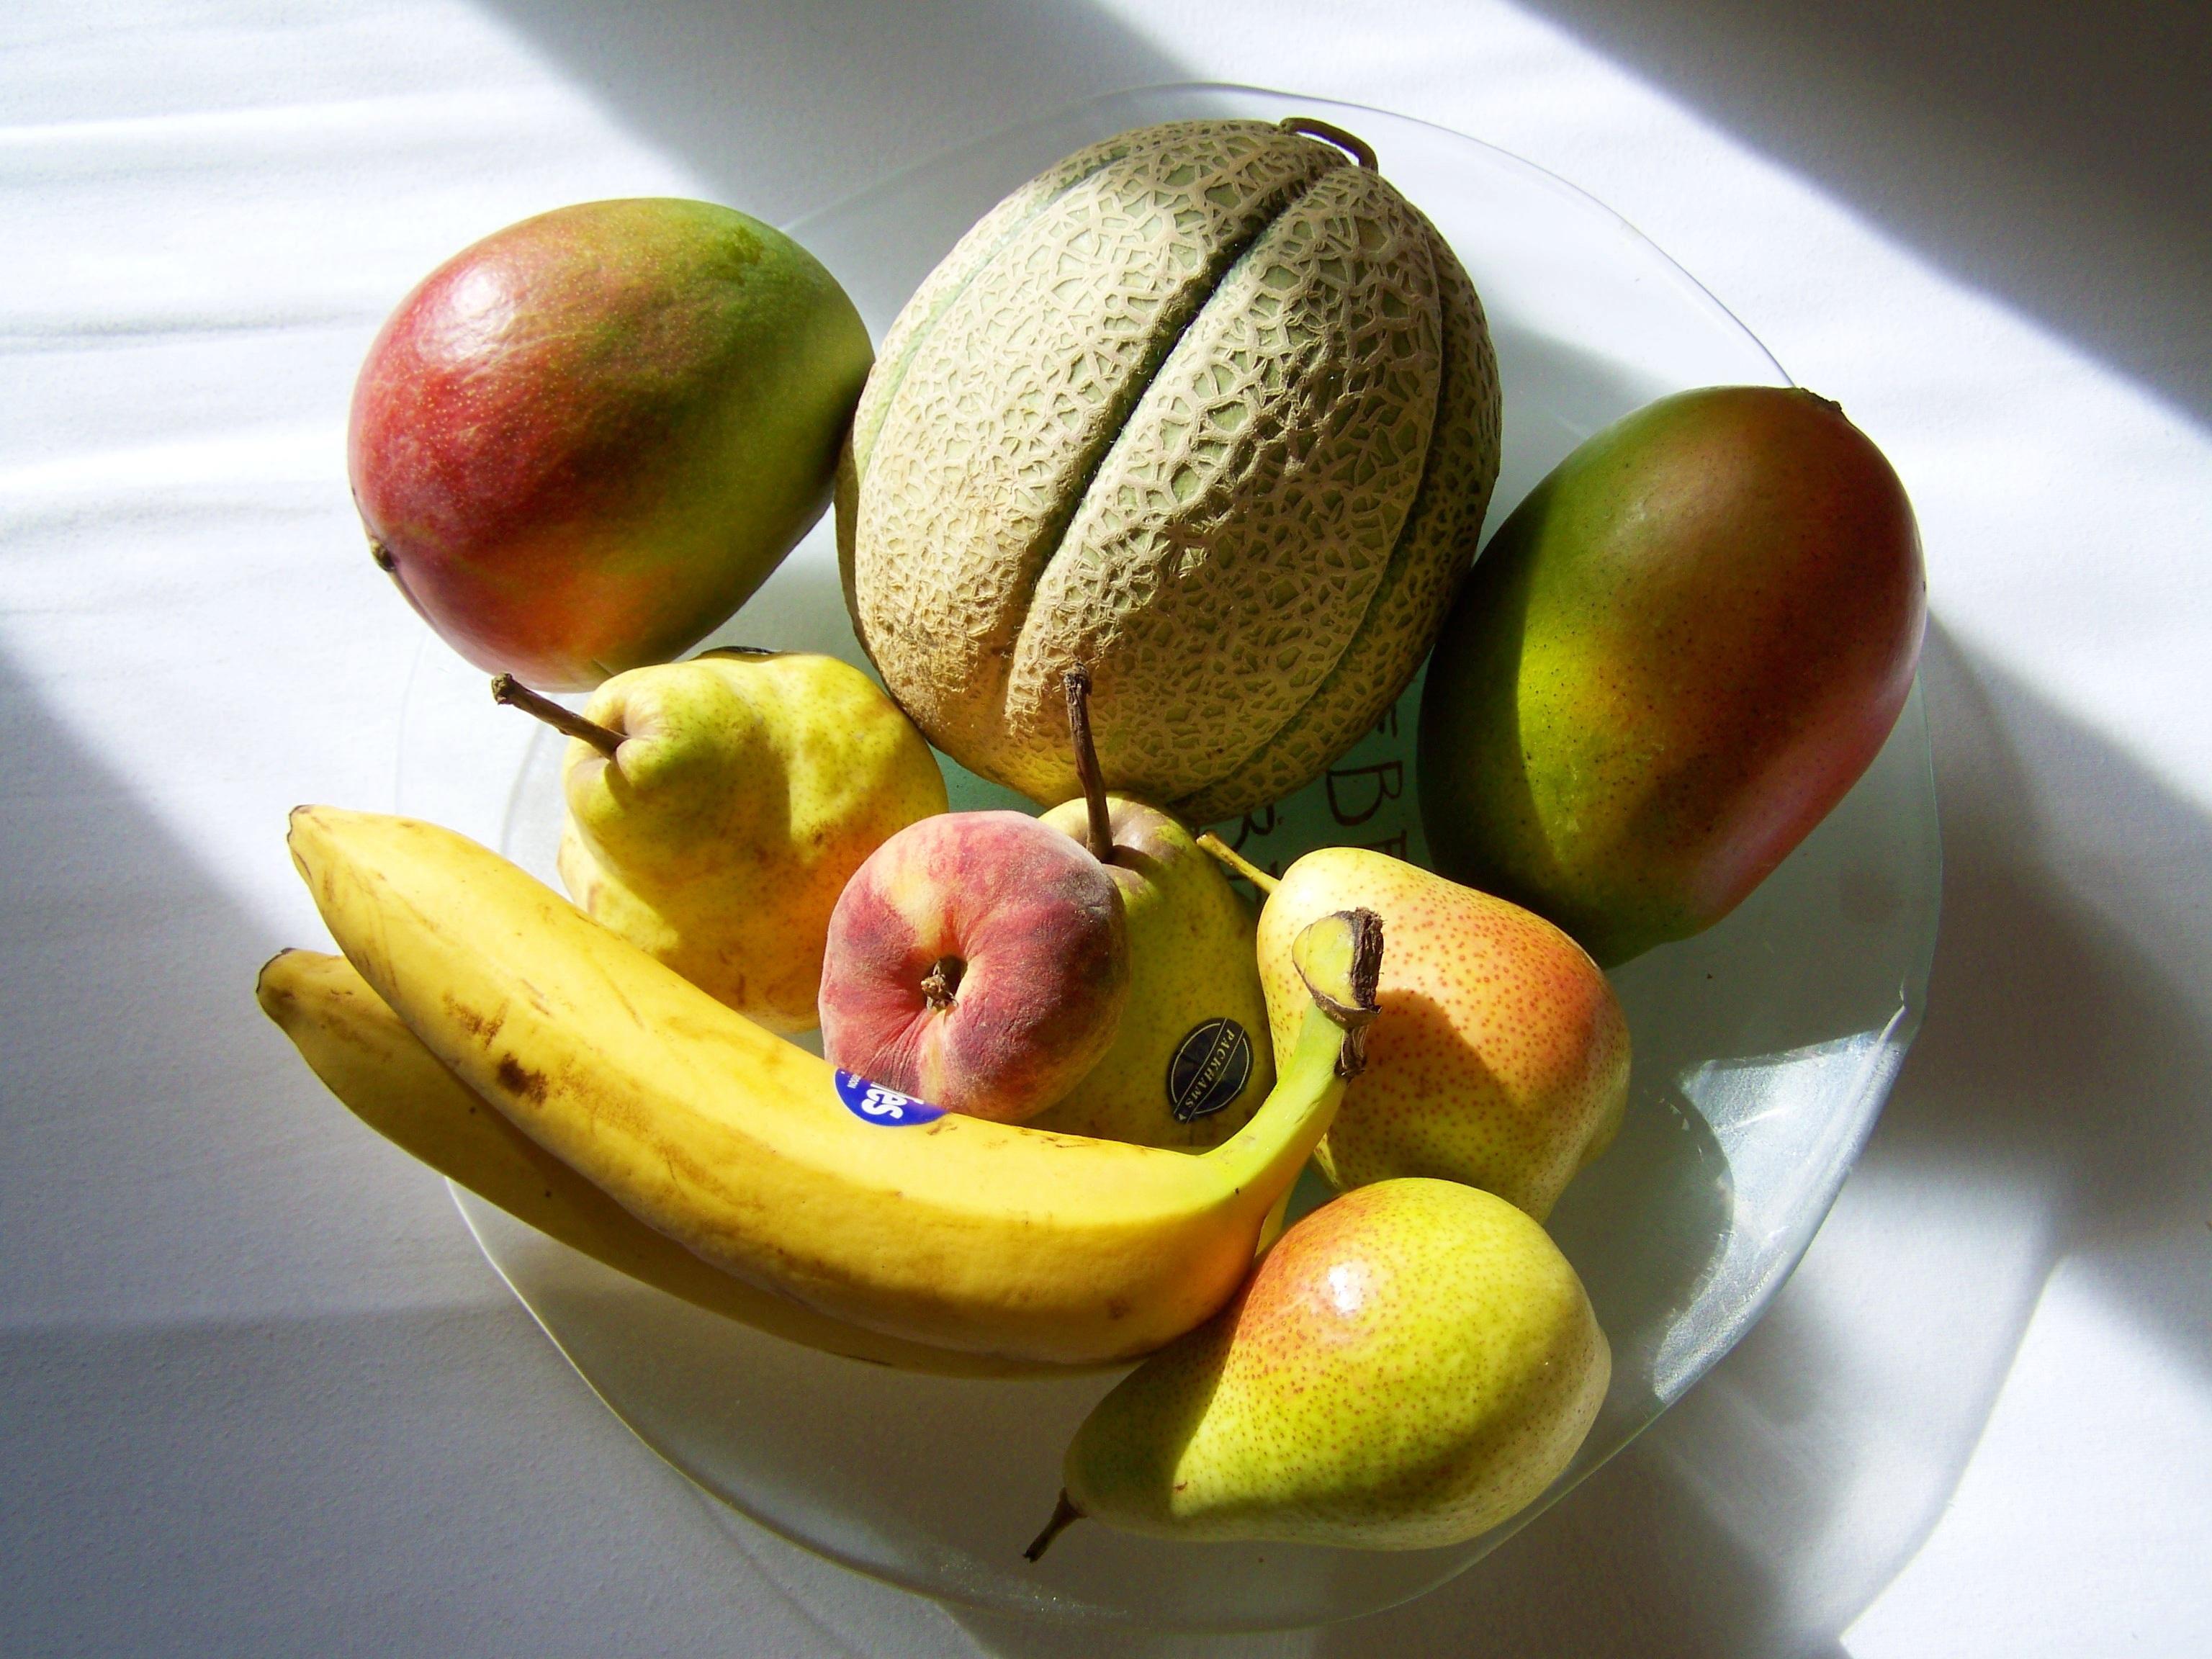 задумывались фотографируем фрукты на срезе нижнего ряда